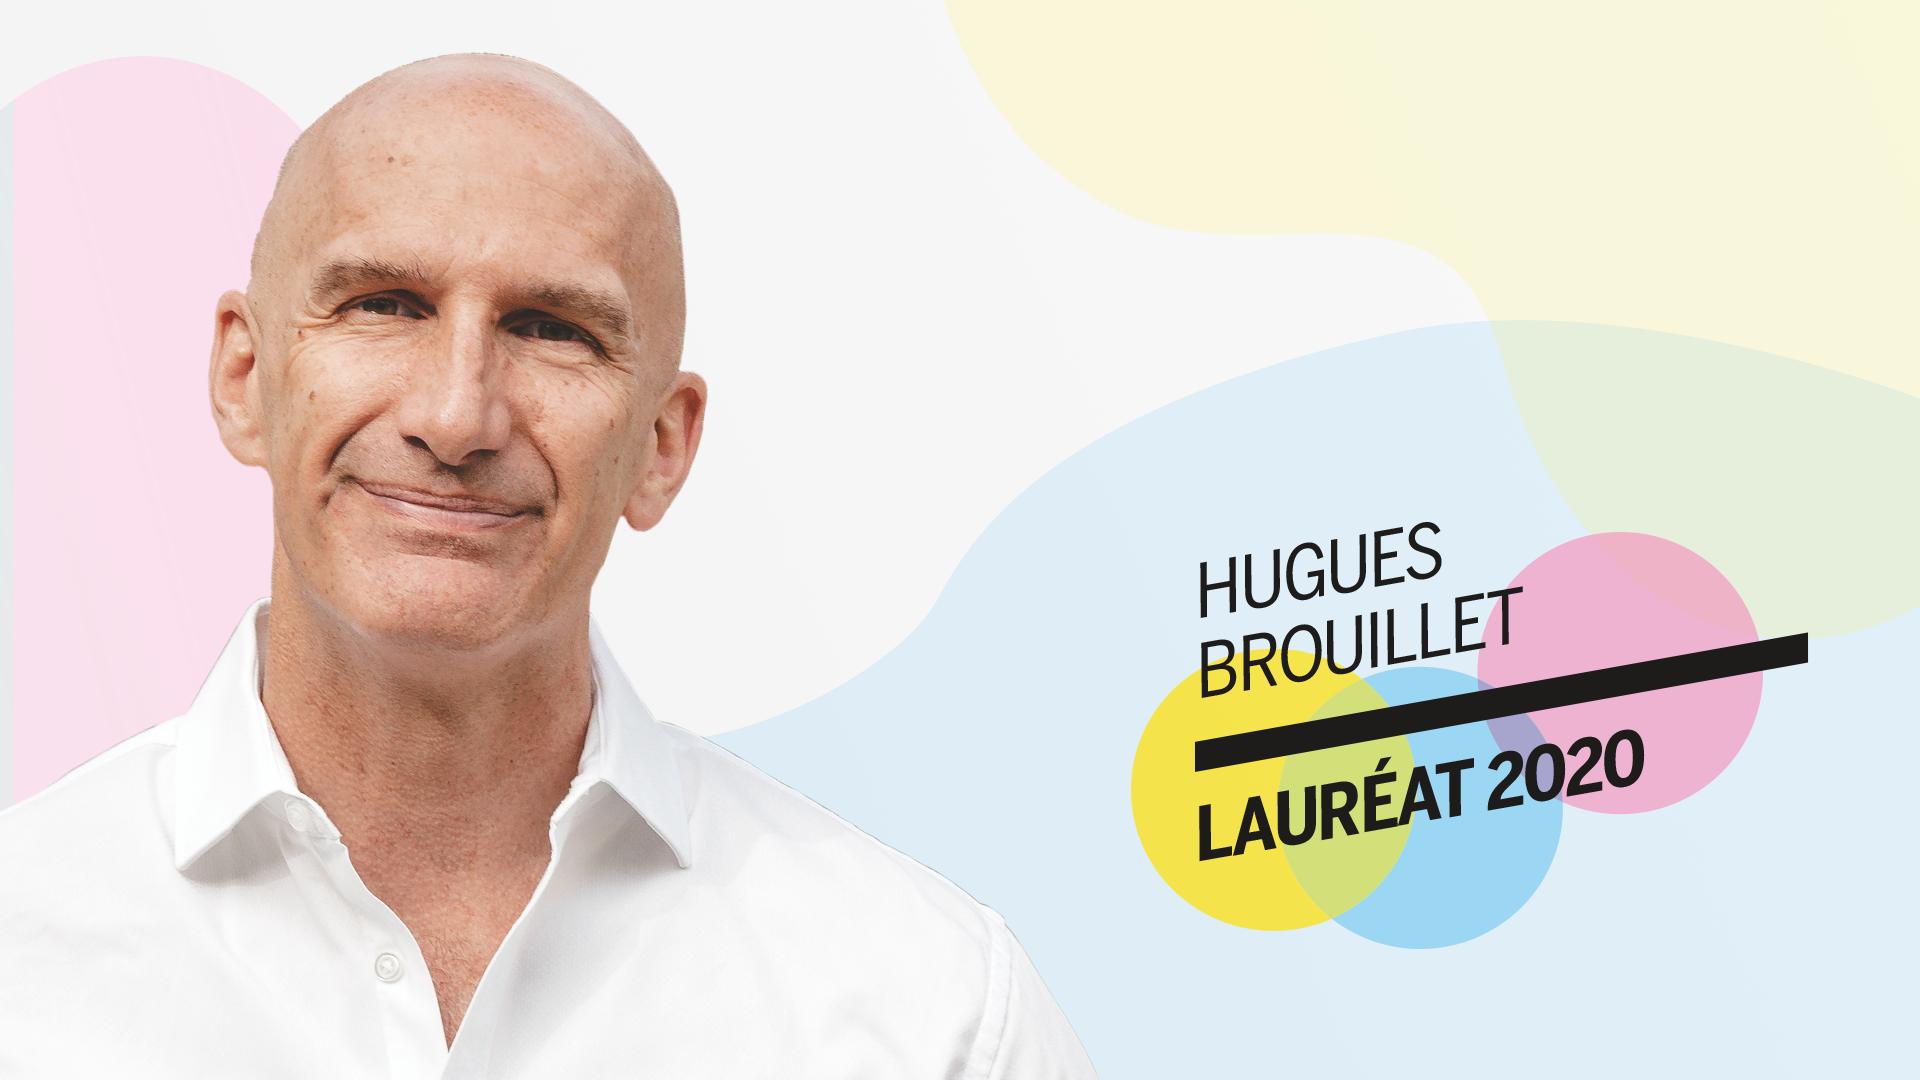 Hugues Brouillet